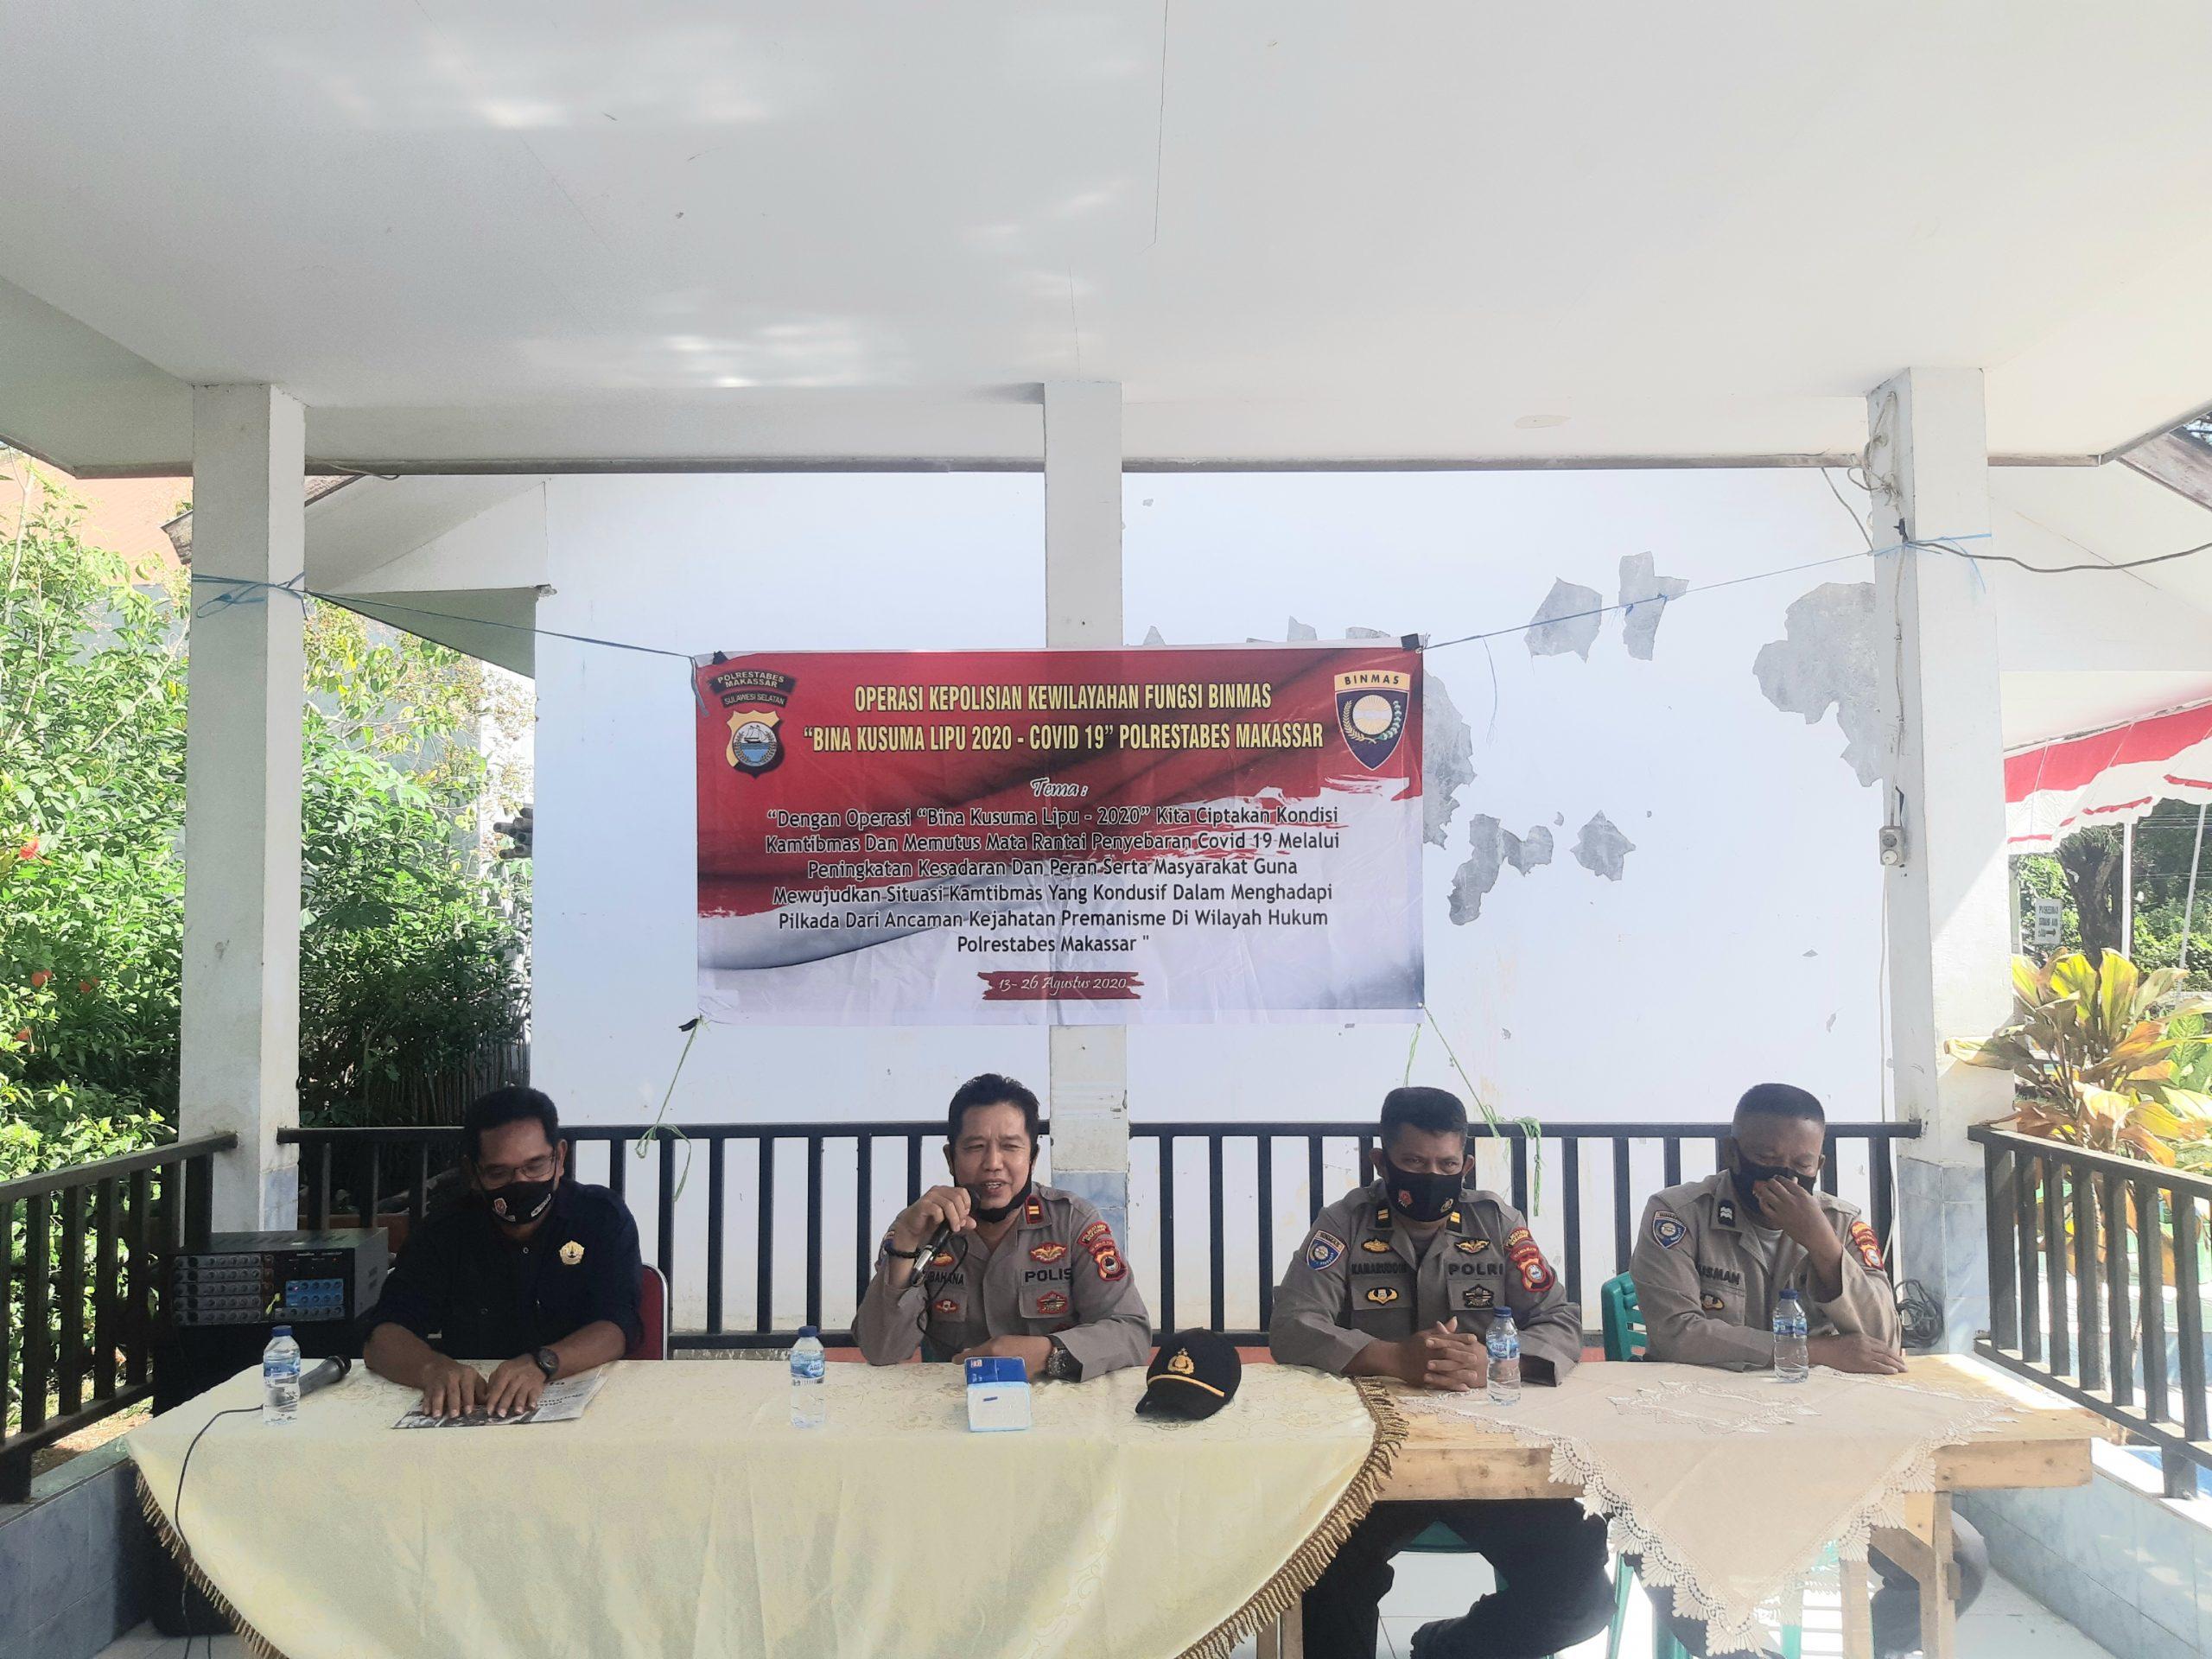 Sat Binmas Polrestabes Makassar Laksanakan Operasi Bina Kusuma Lipu 2020 Di Kel Laikang